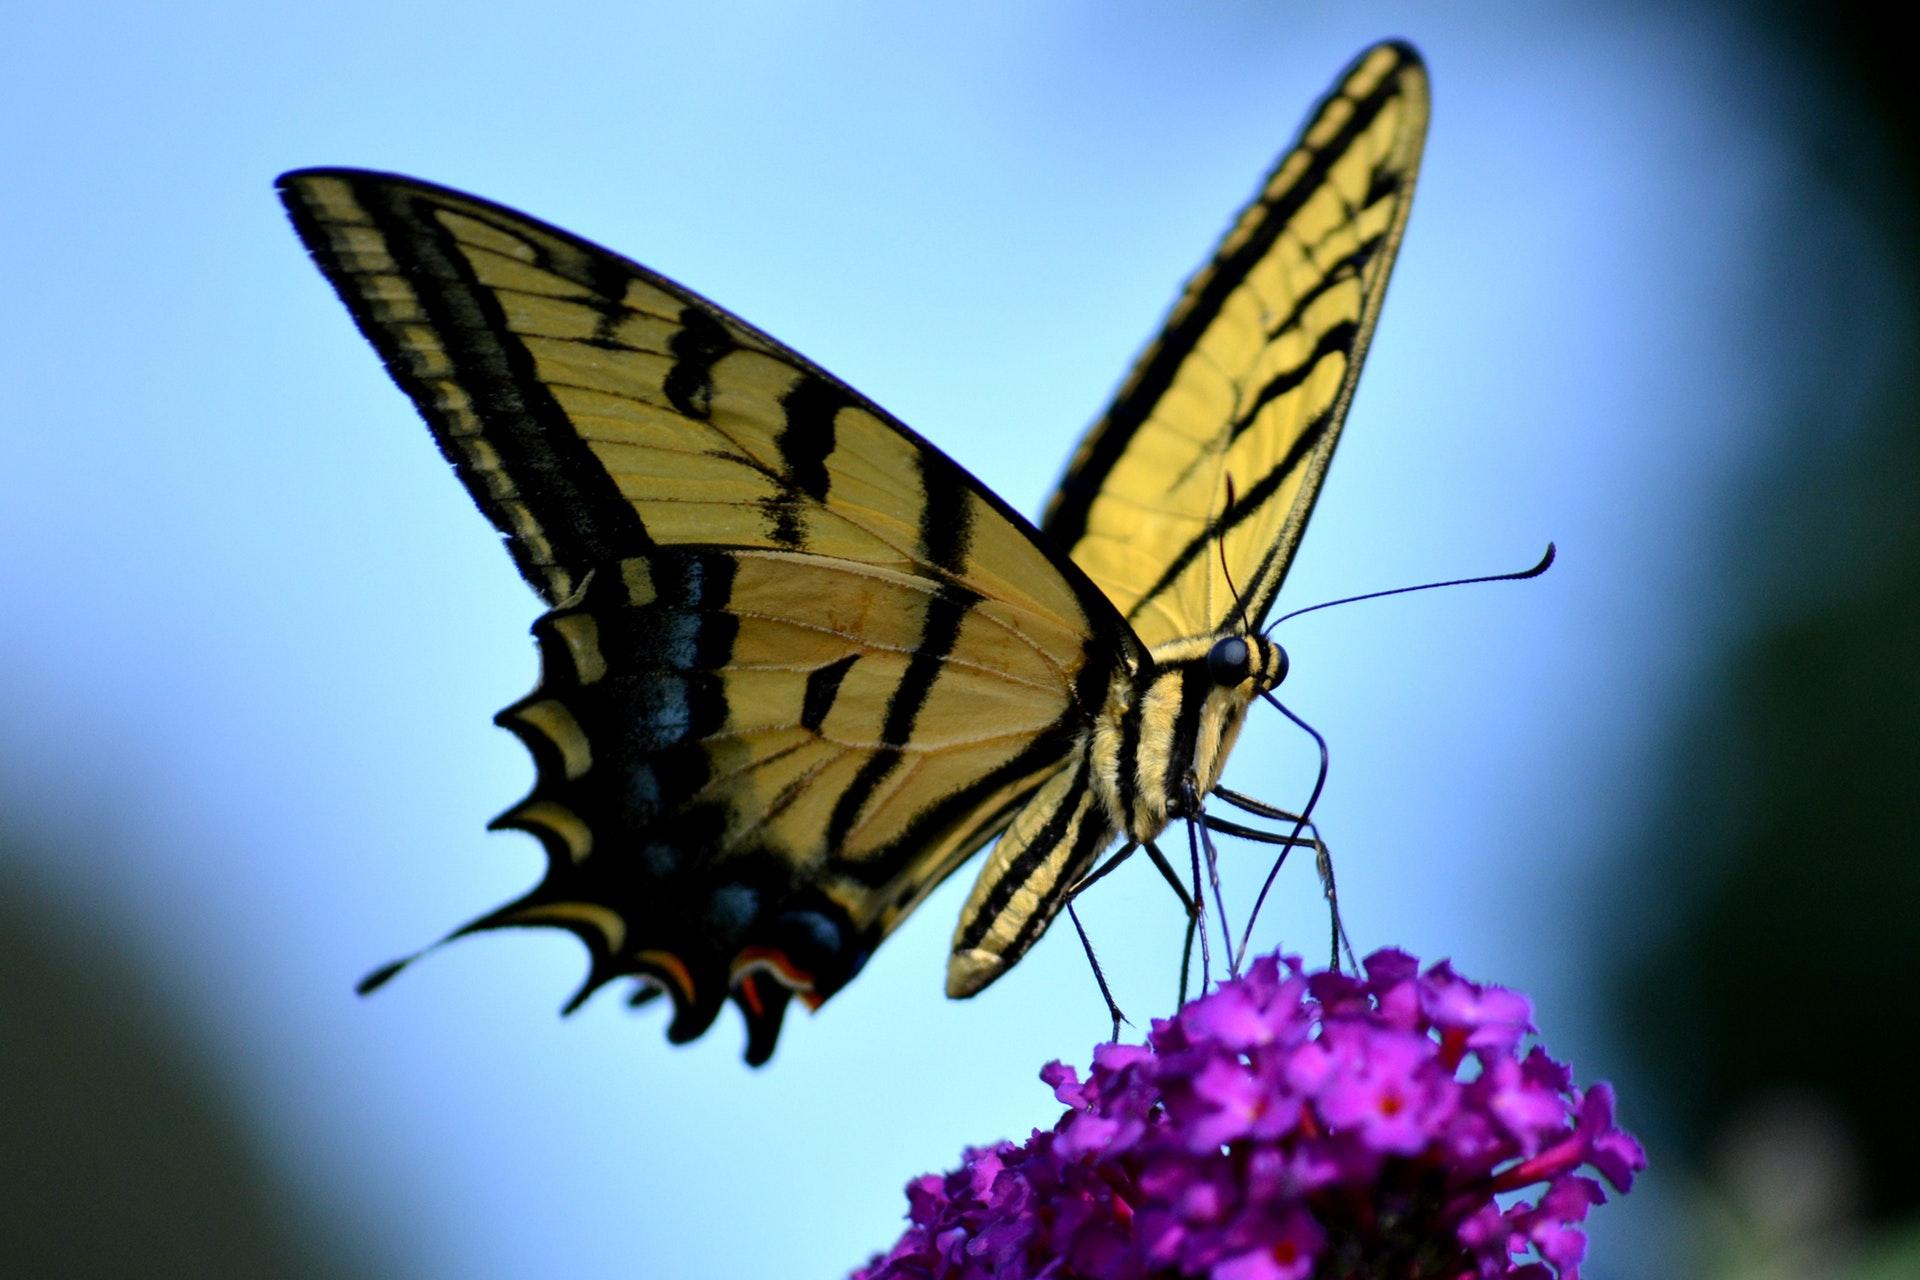 procesos industriales y el efecto mariposa